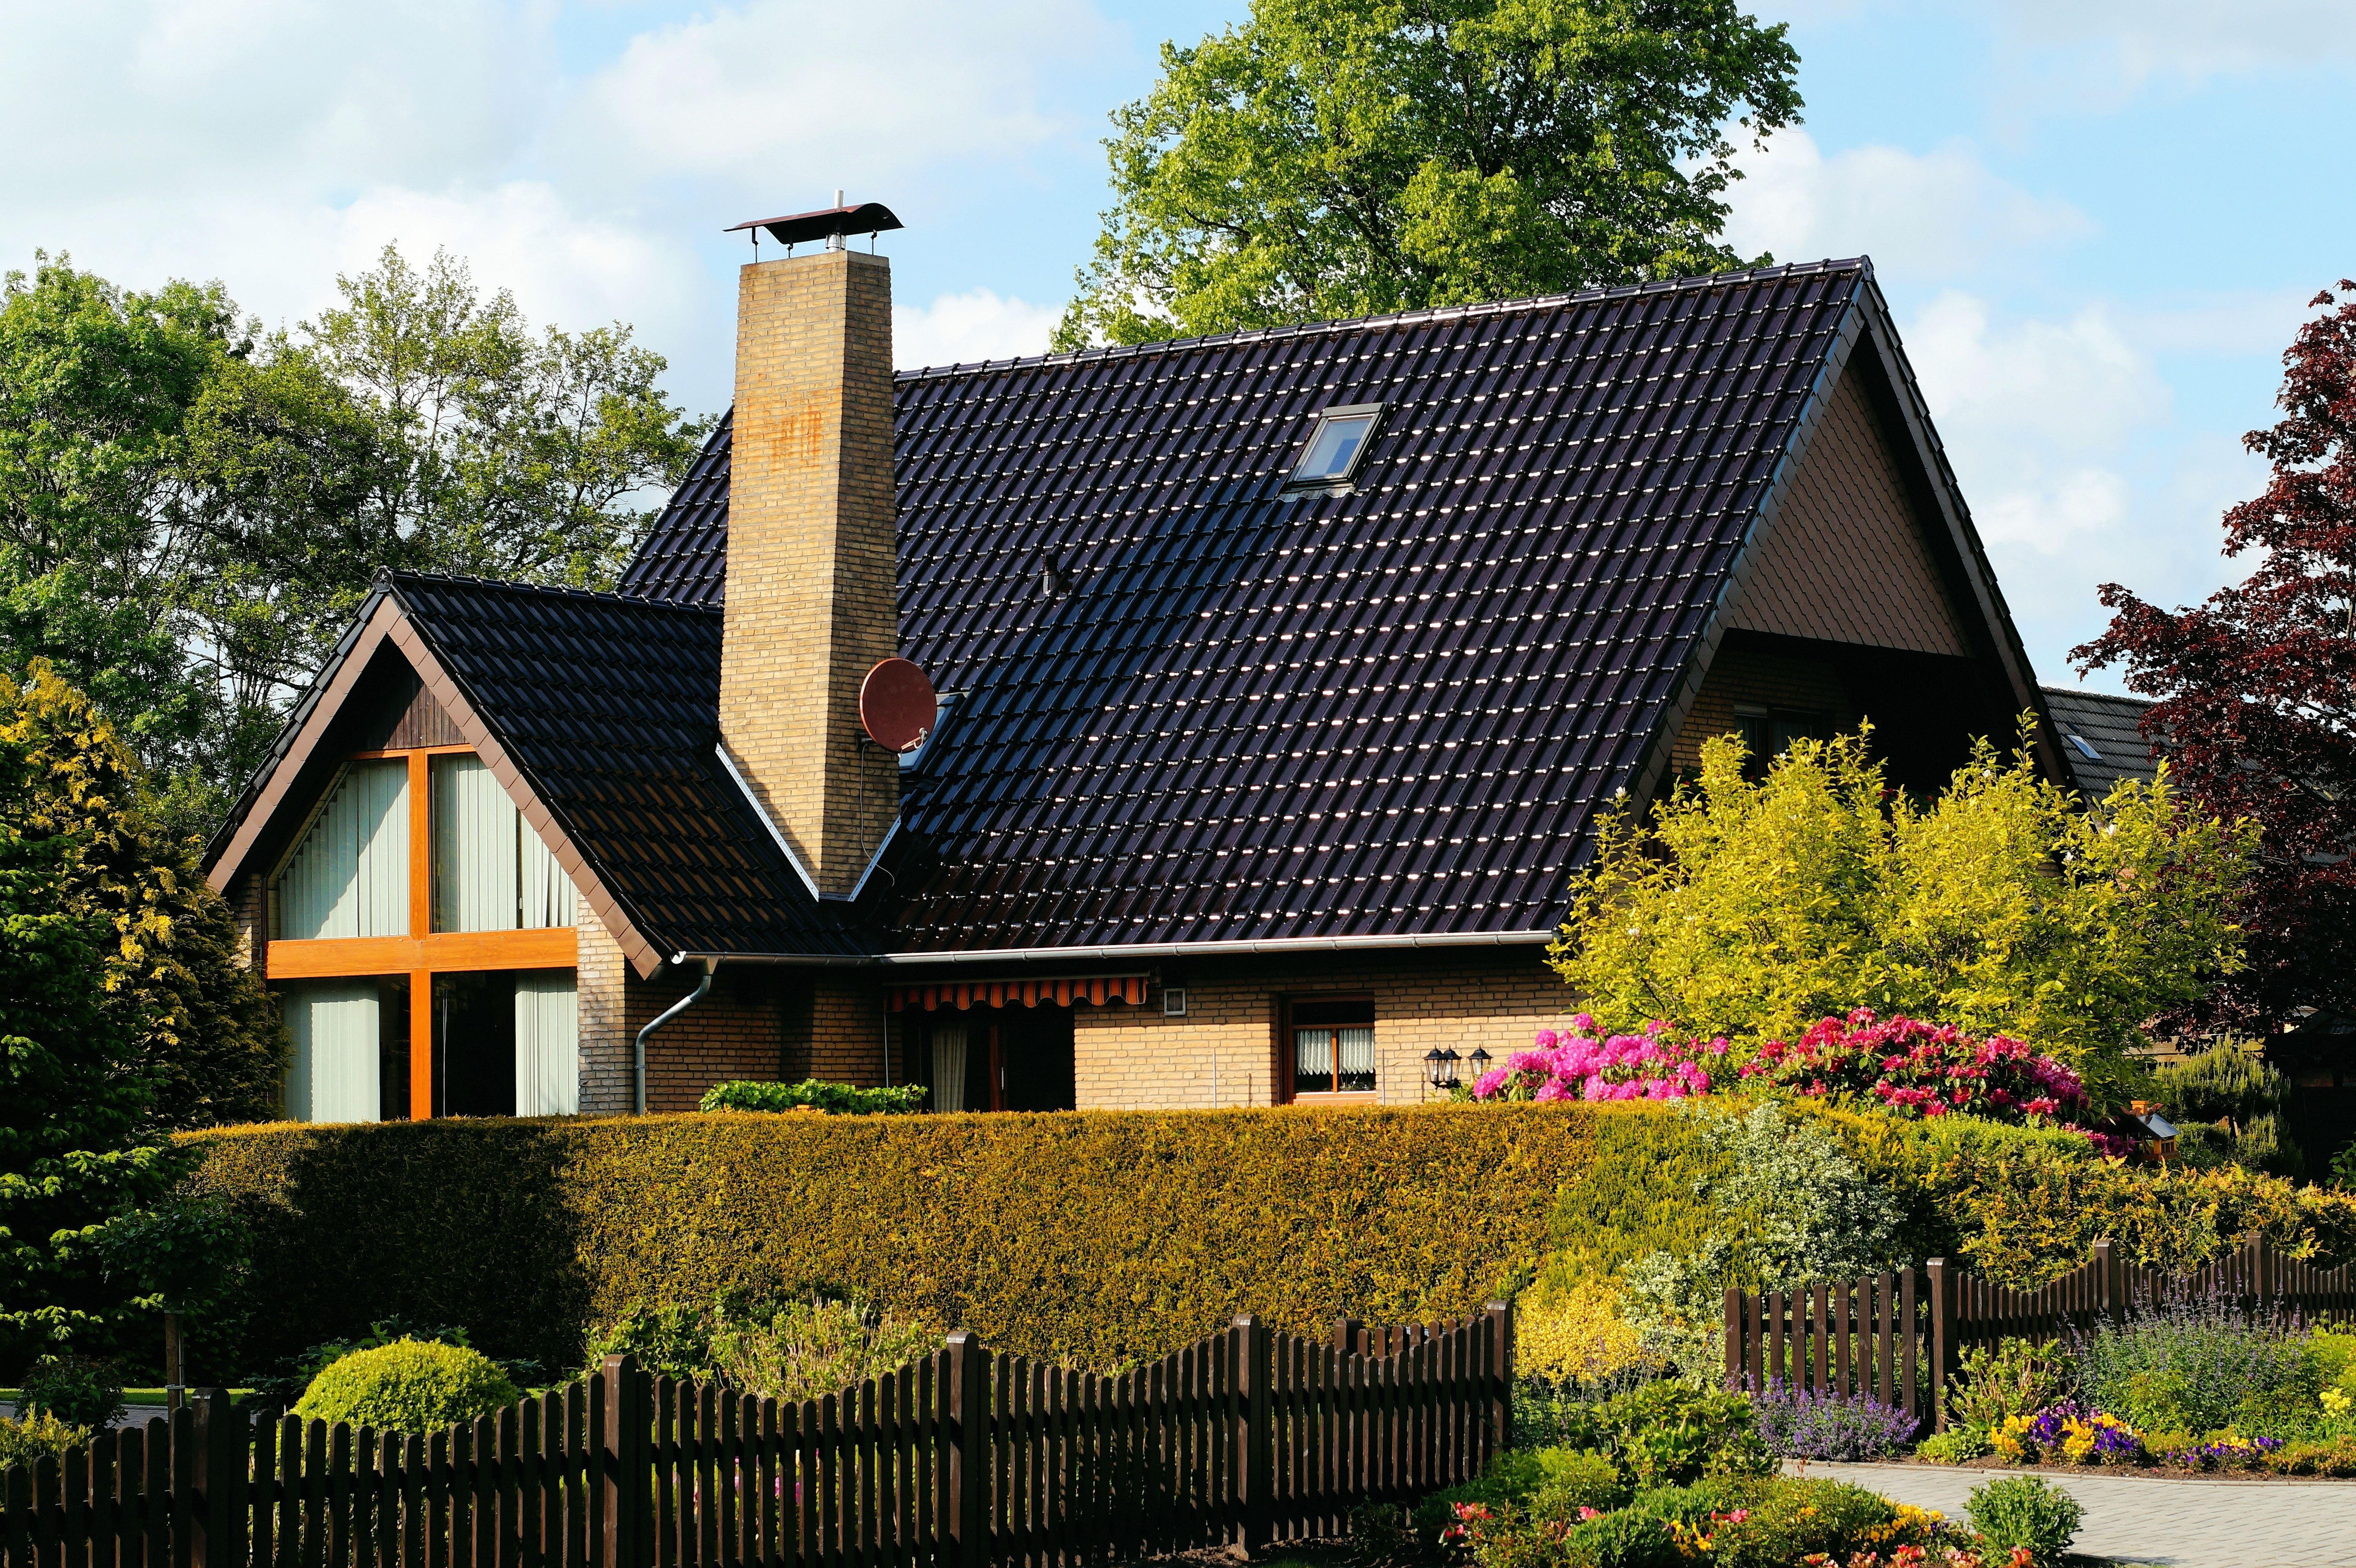 Images Gratuites Architecture Ferme Pelouse Maison Fenetre